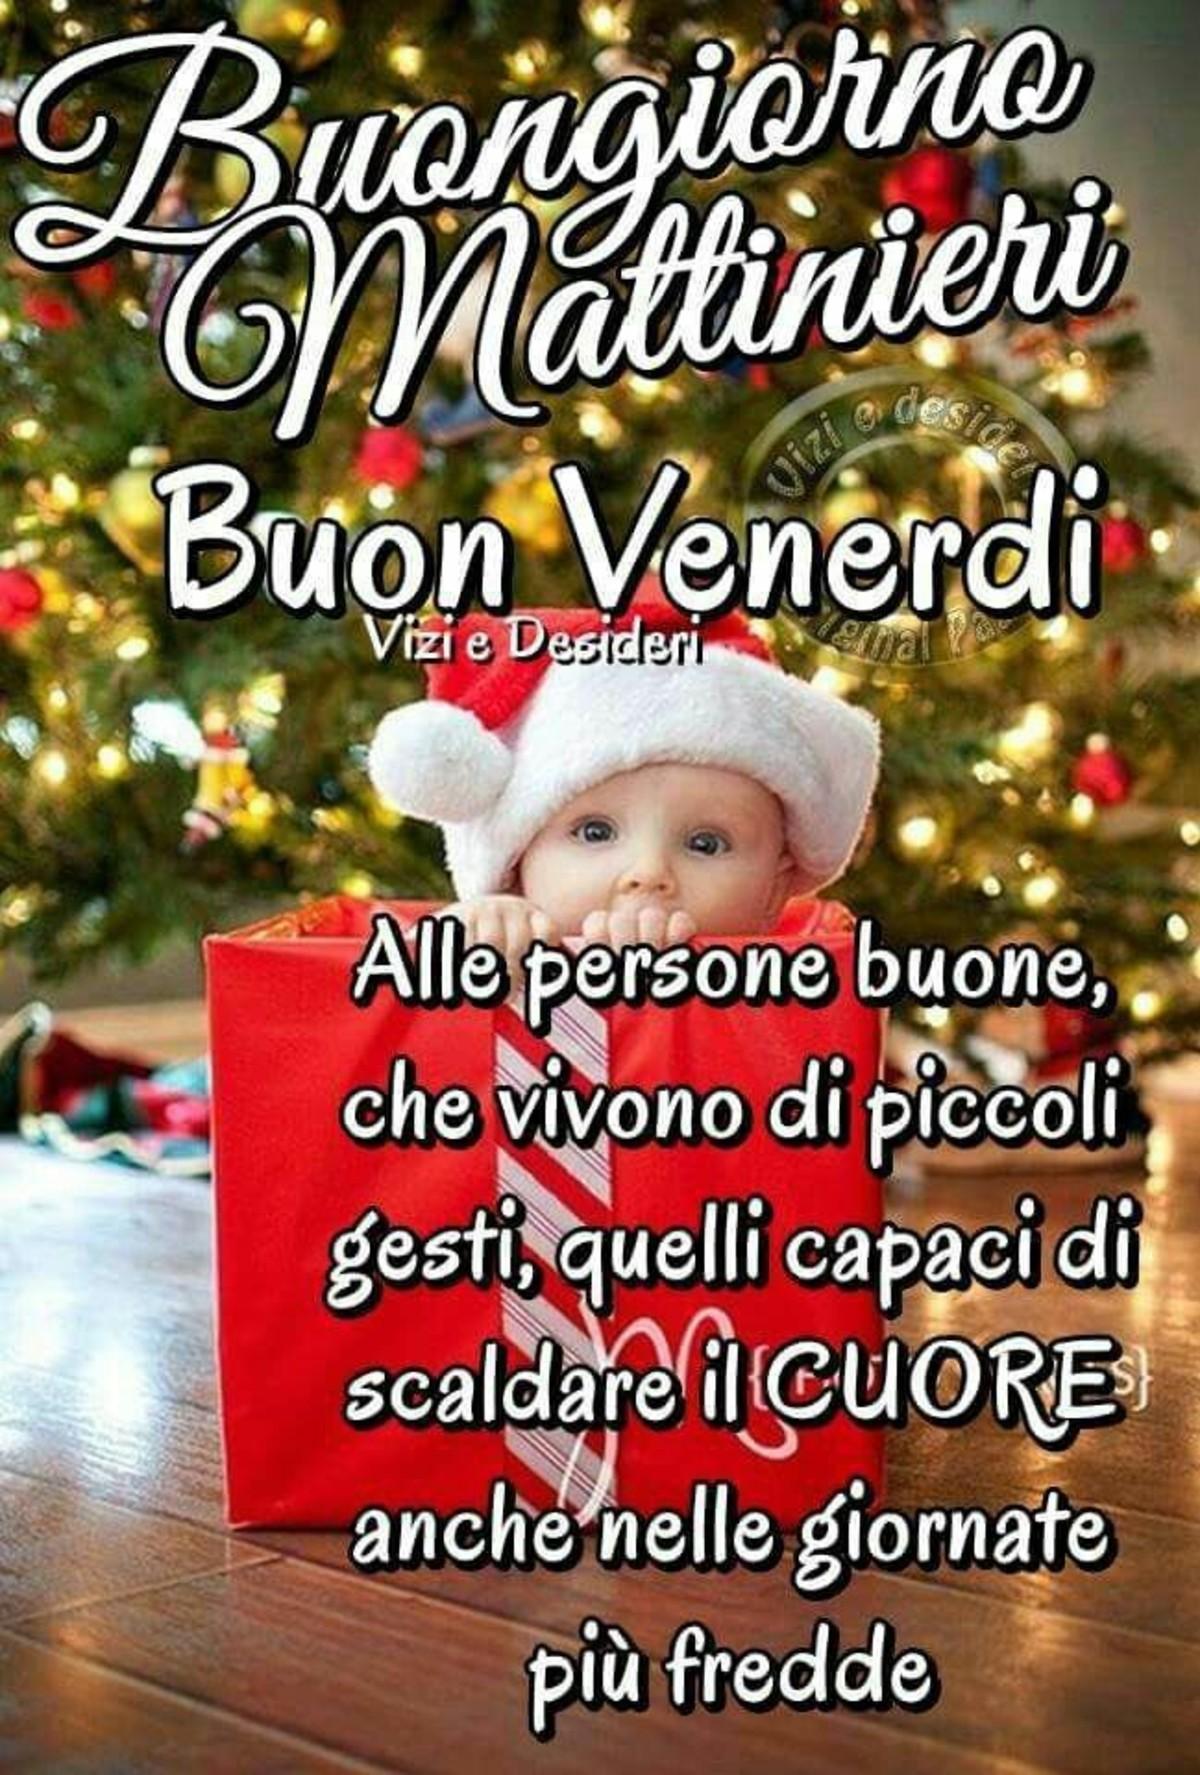 Buon Venerdì Buongiorno Natalizio 3 Archives